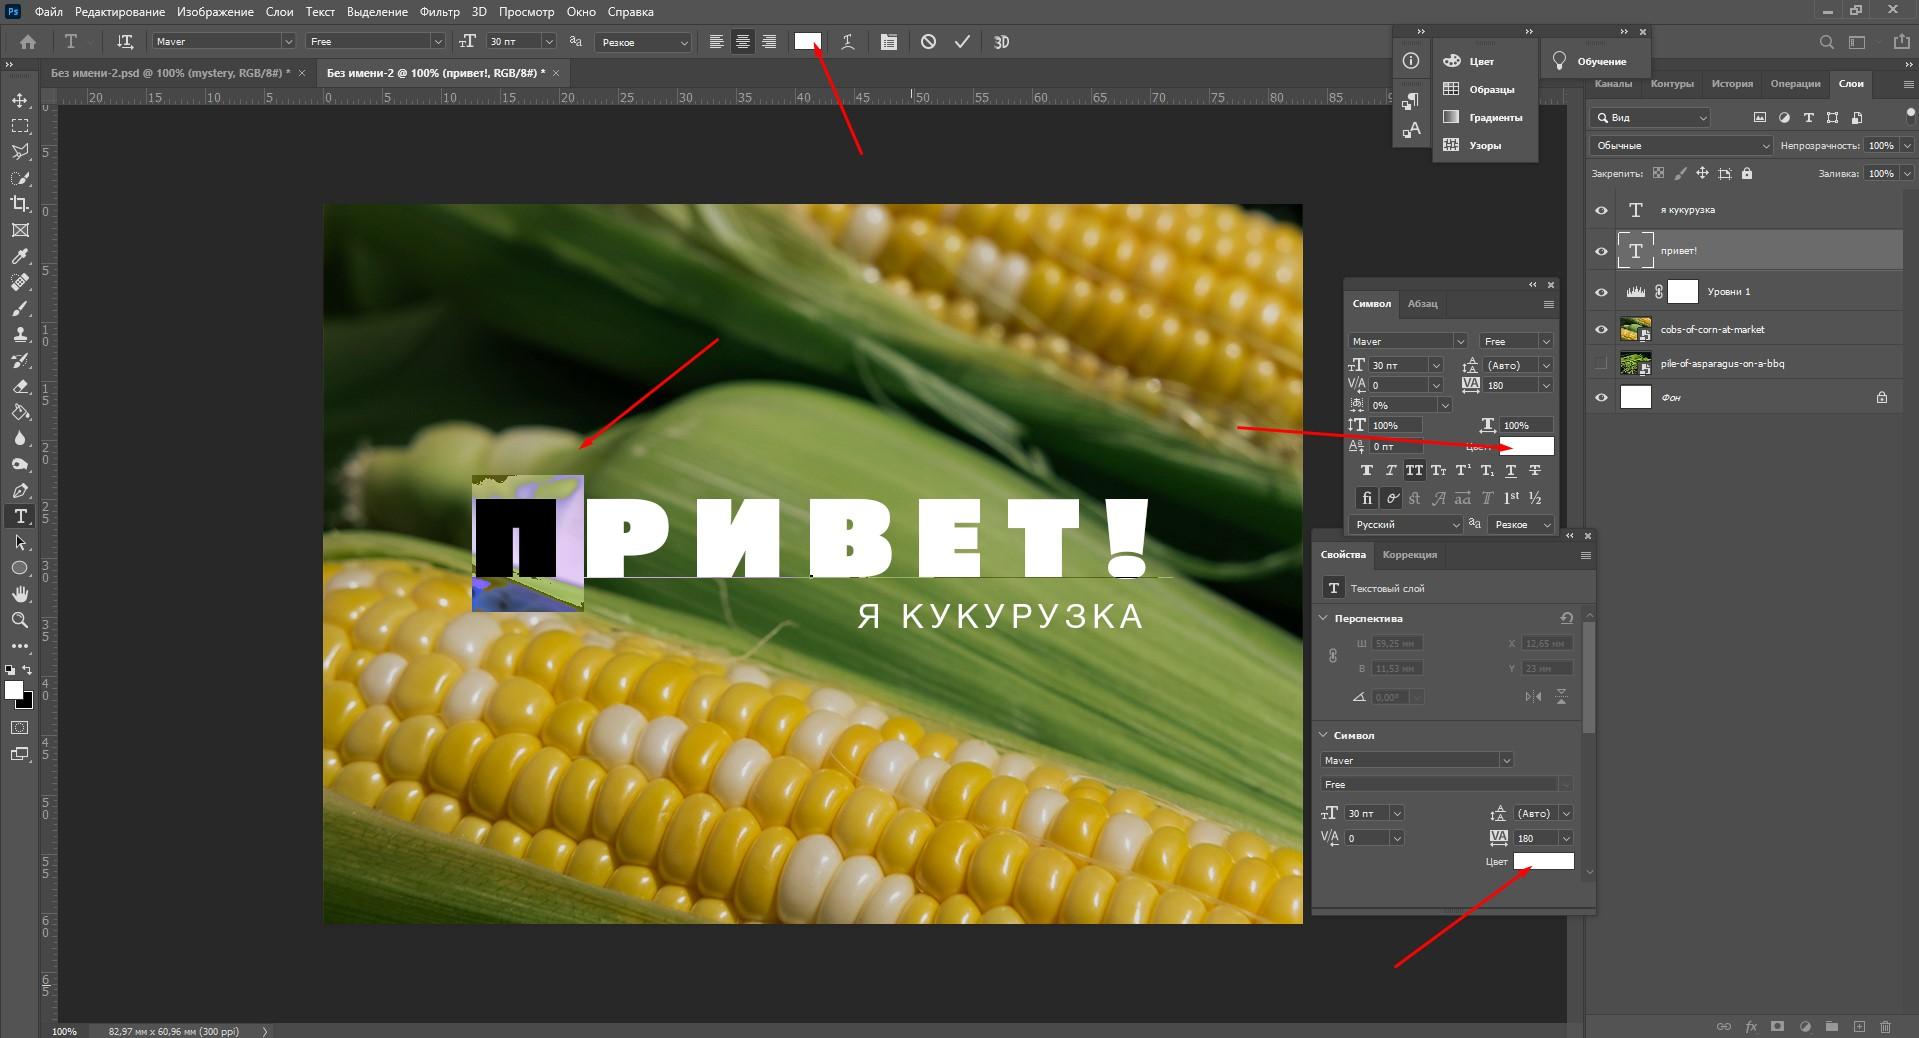 Поменять цвет одной буквы